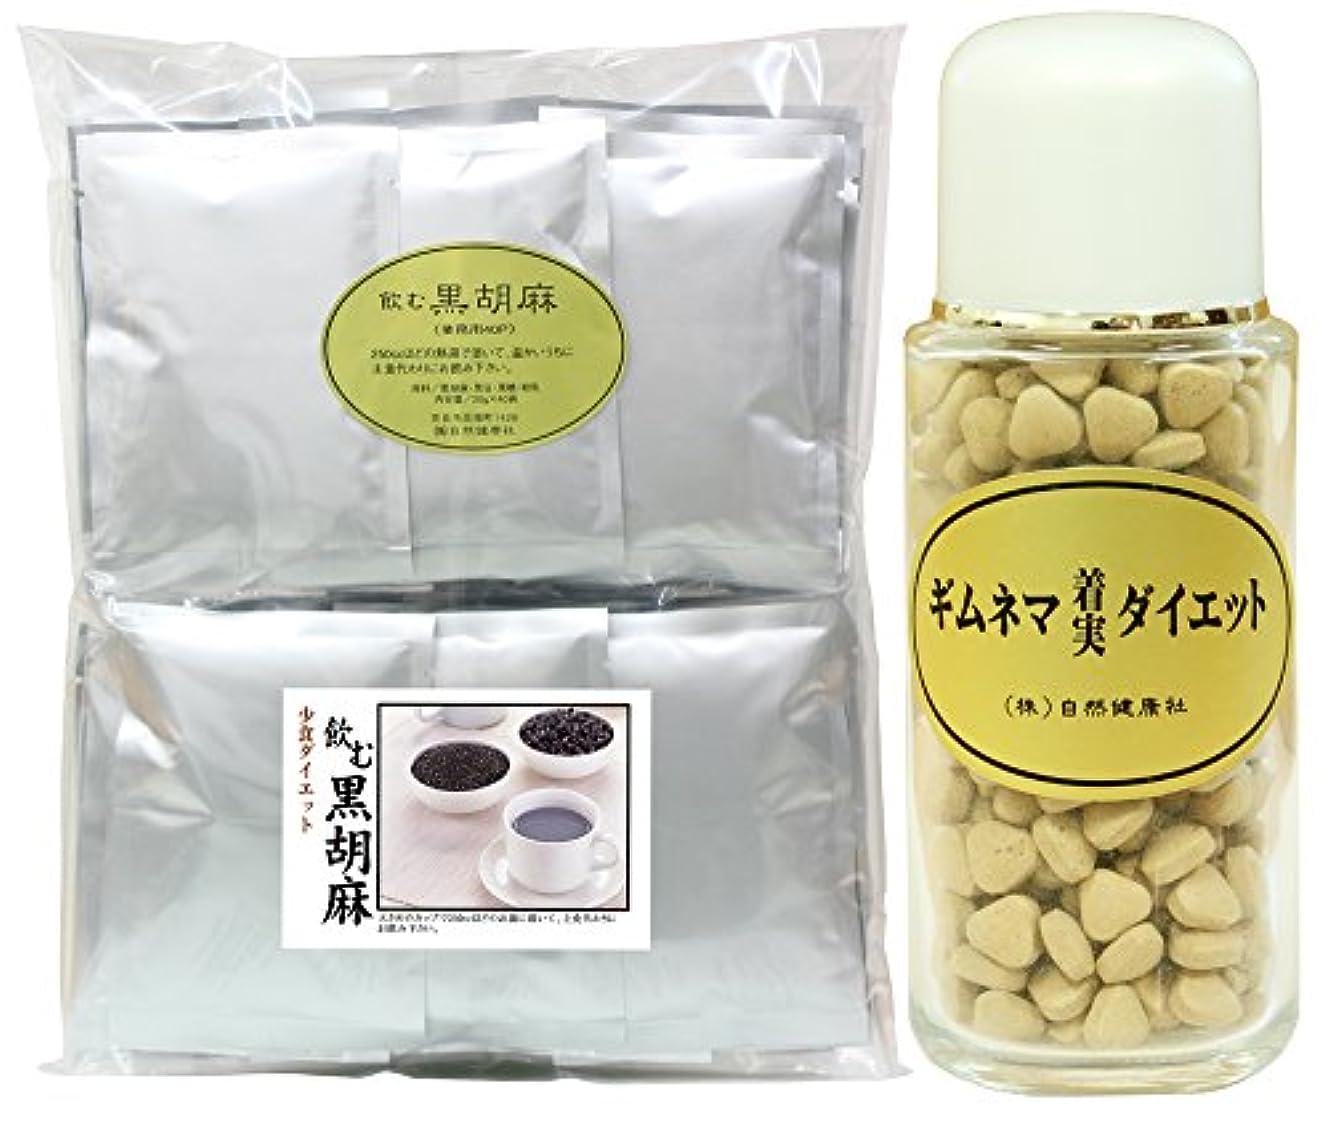 上陸俳優メルボルン自然健康社 飲む黒胡麻?徳用 40食 + ギムネマダイエット 90g